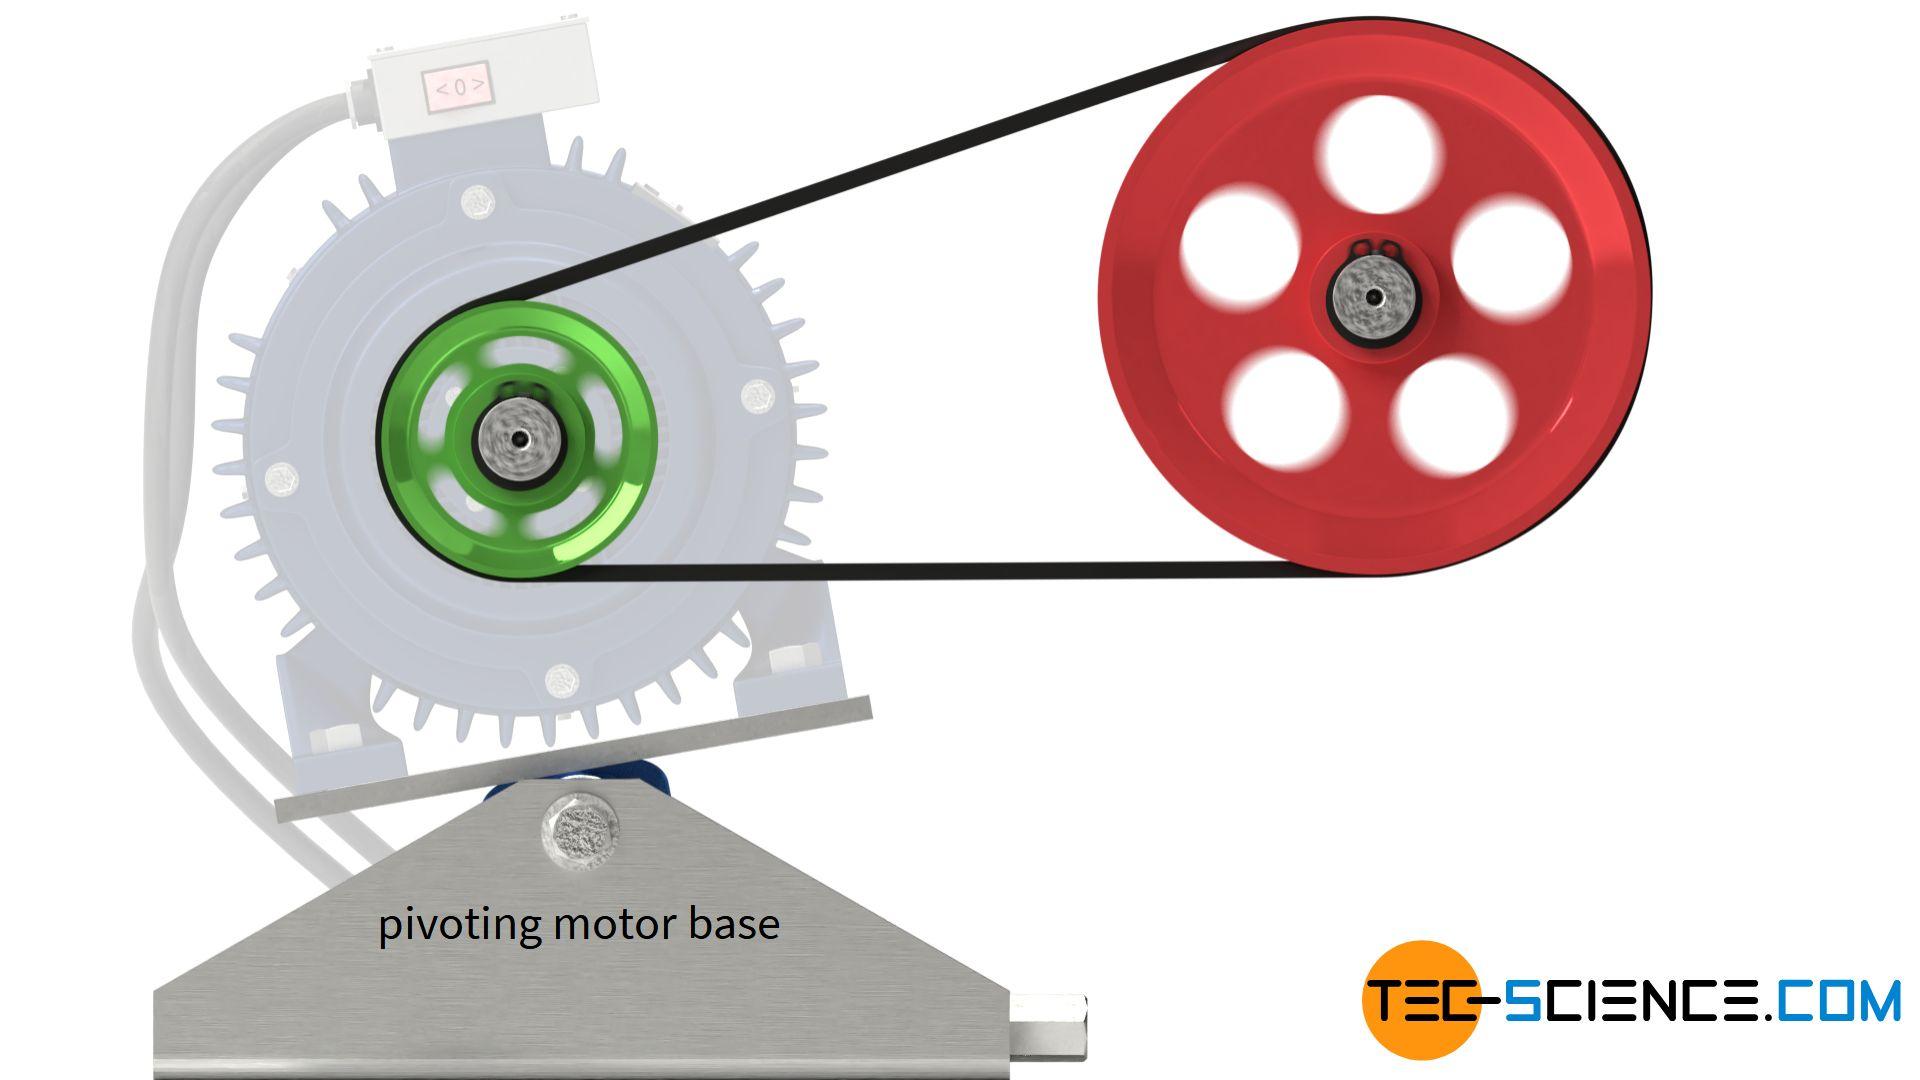 Pivoting motor base